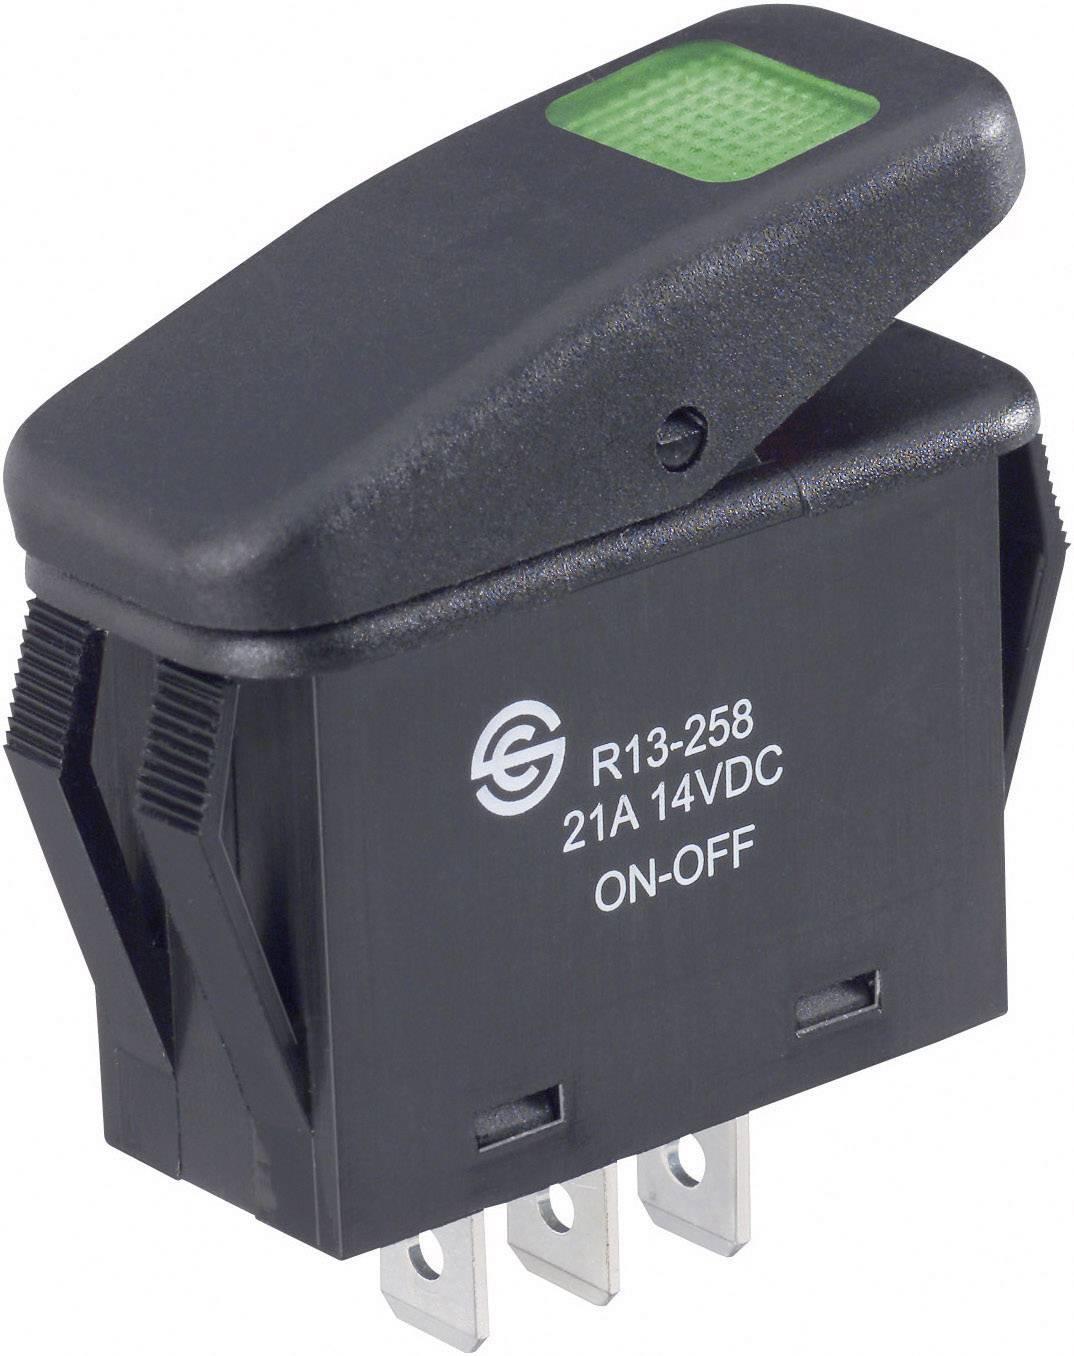 Kolískový spínač s aretáciou SCI R13-258B B/G, 14 V/DC, 21 A, 1x vyp/zap, IP66, farba svetla: zelená, 1 ks